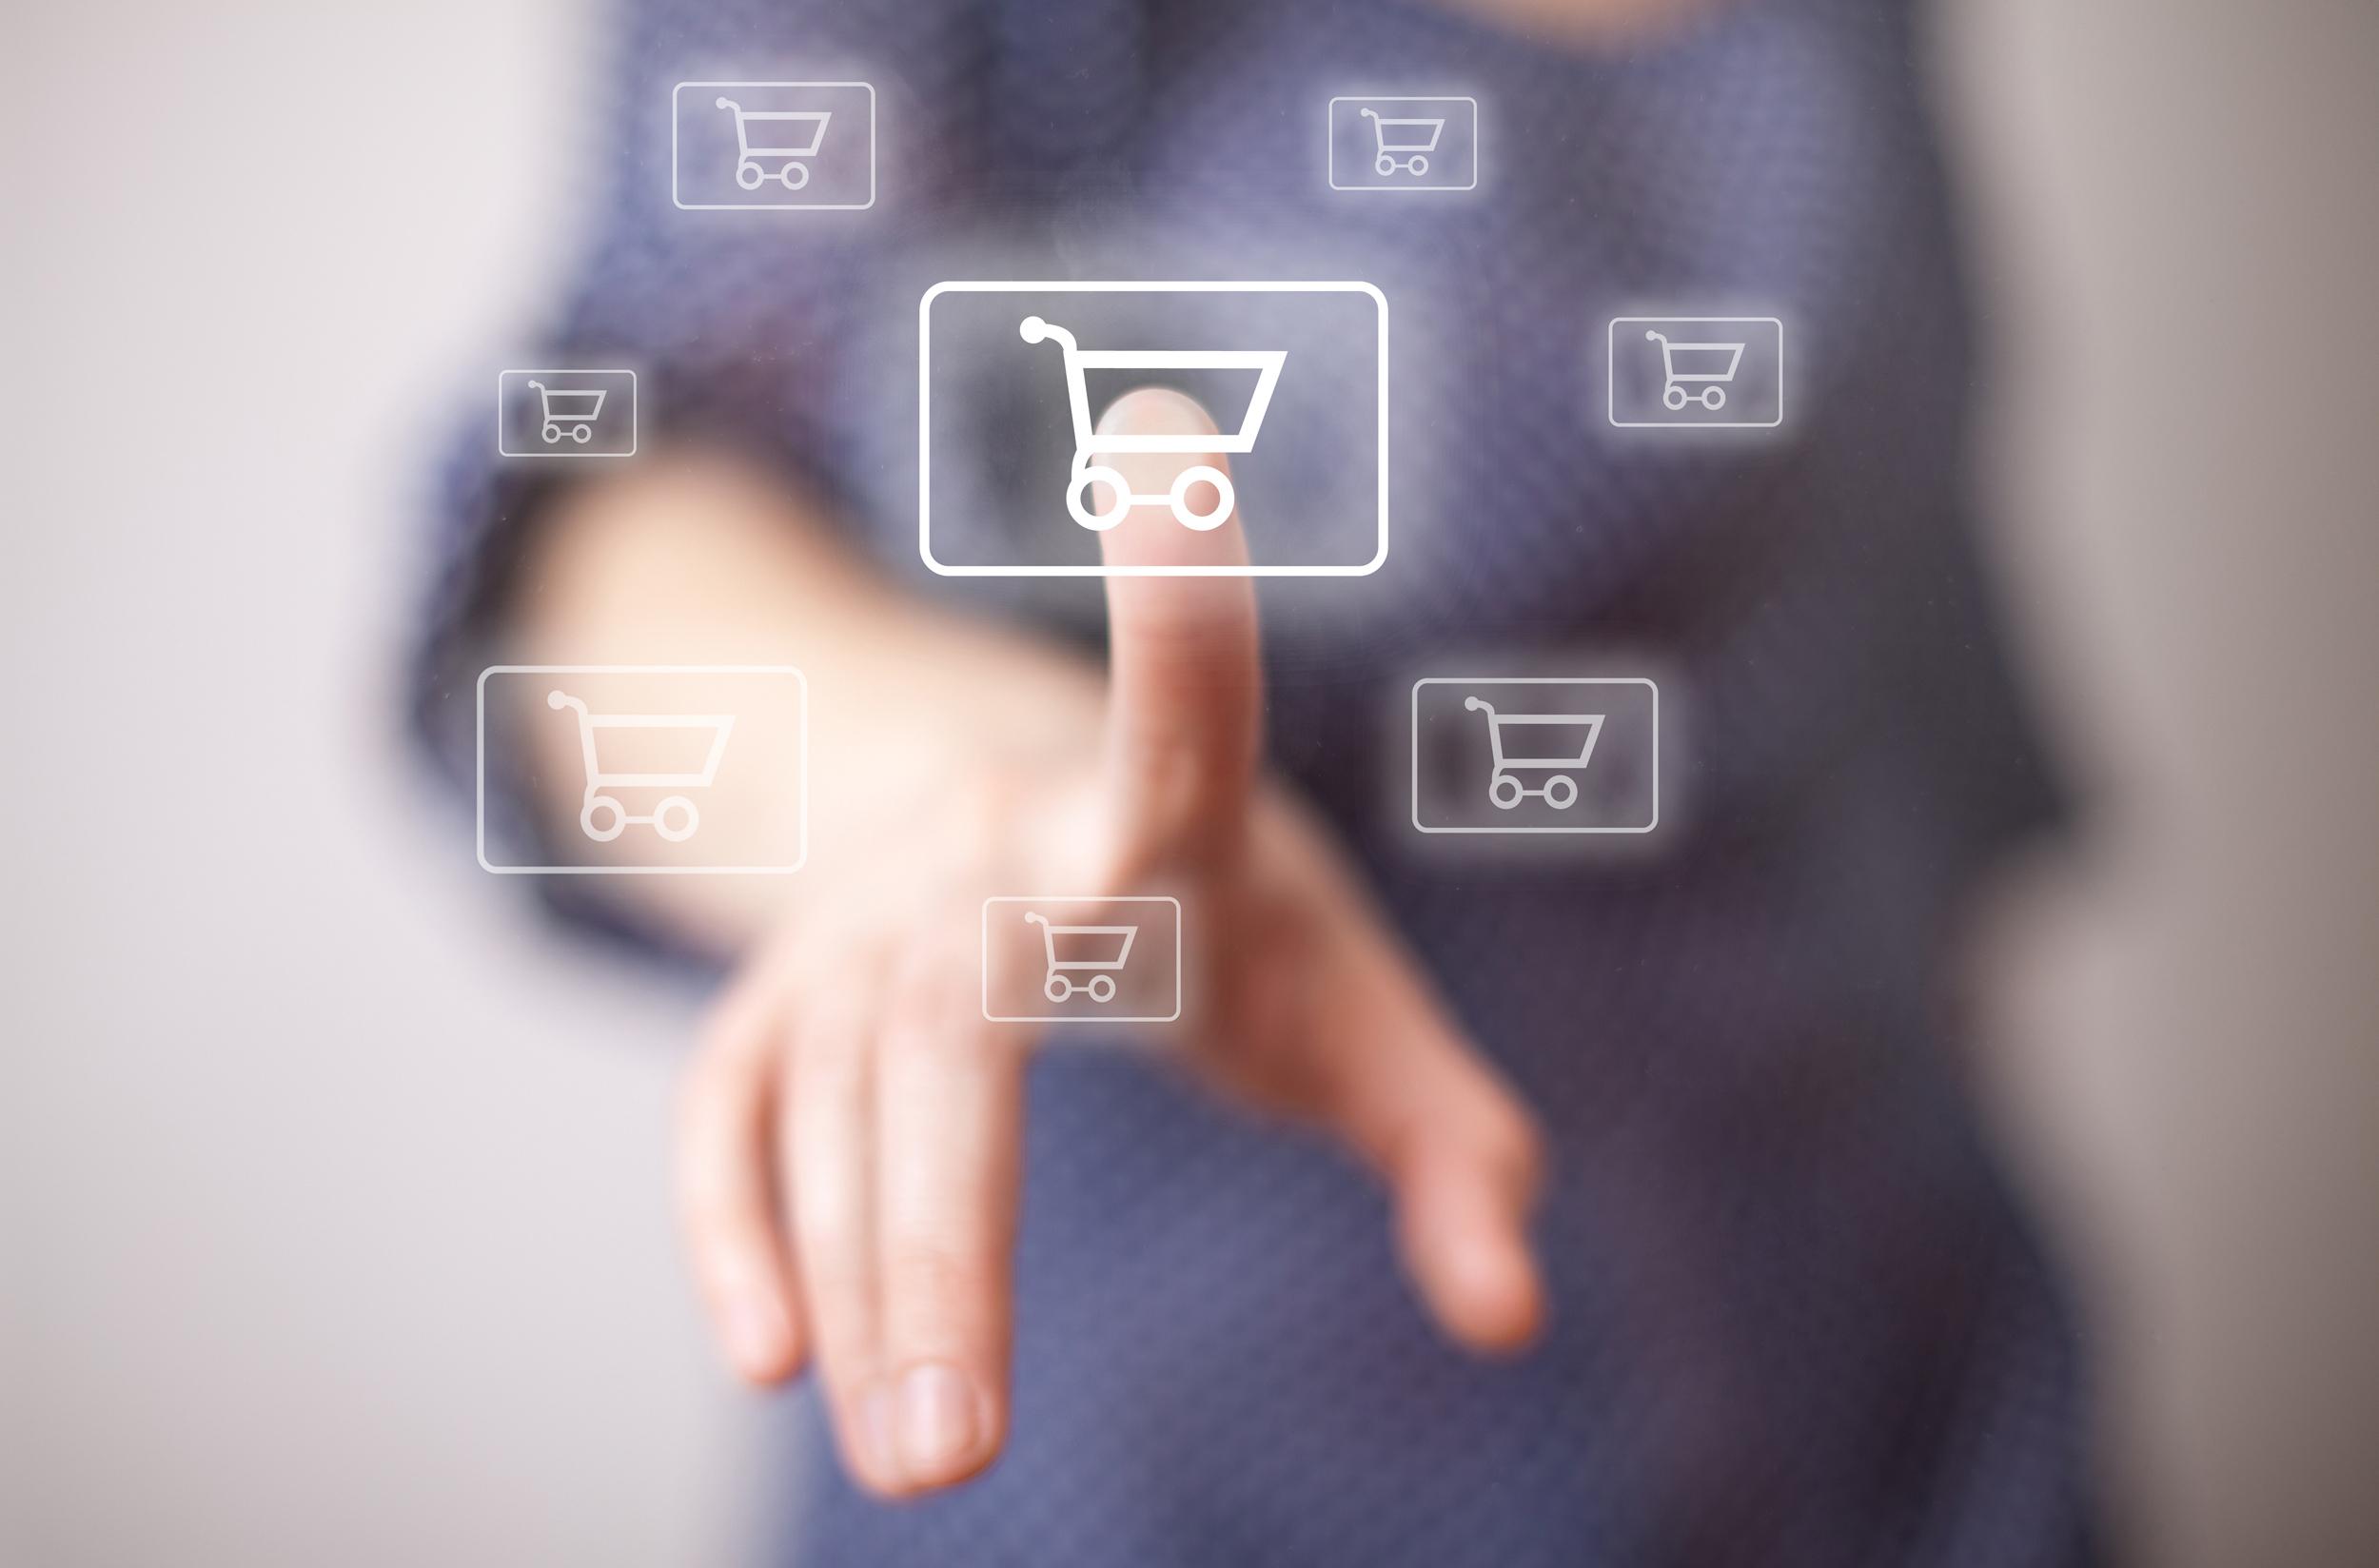 L'Ue indaga sulla presenza di barriere create dalle aziende all'e-commerce transfrontaliero